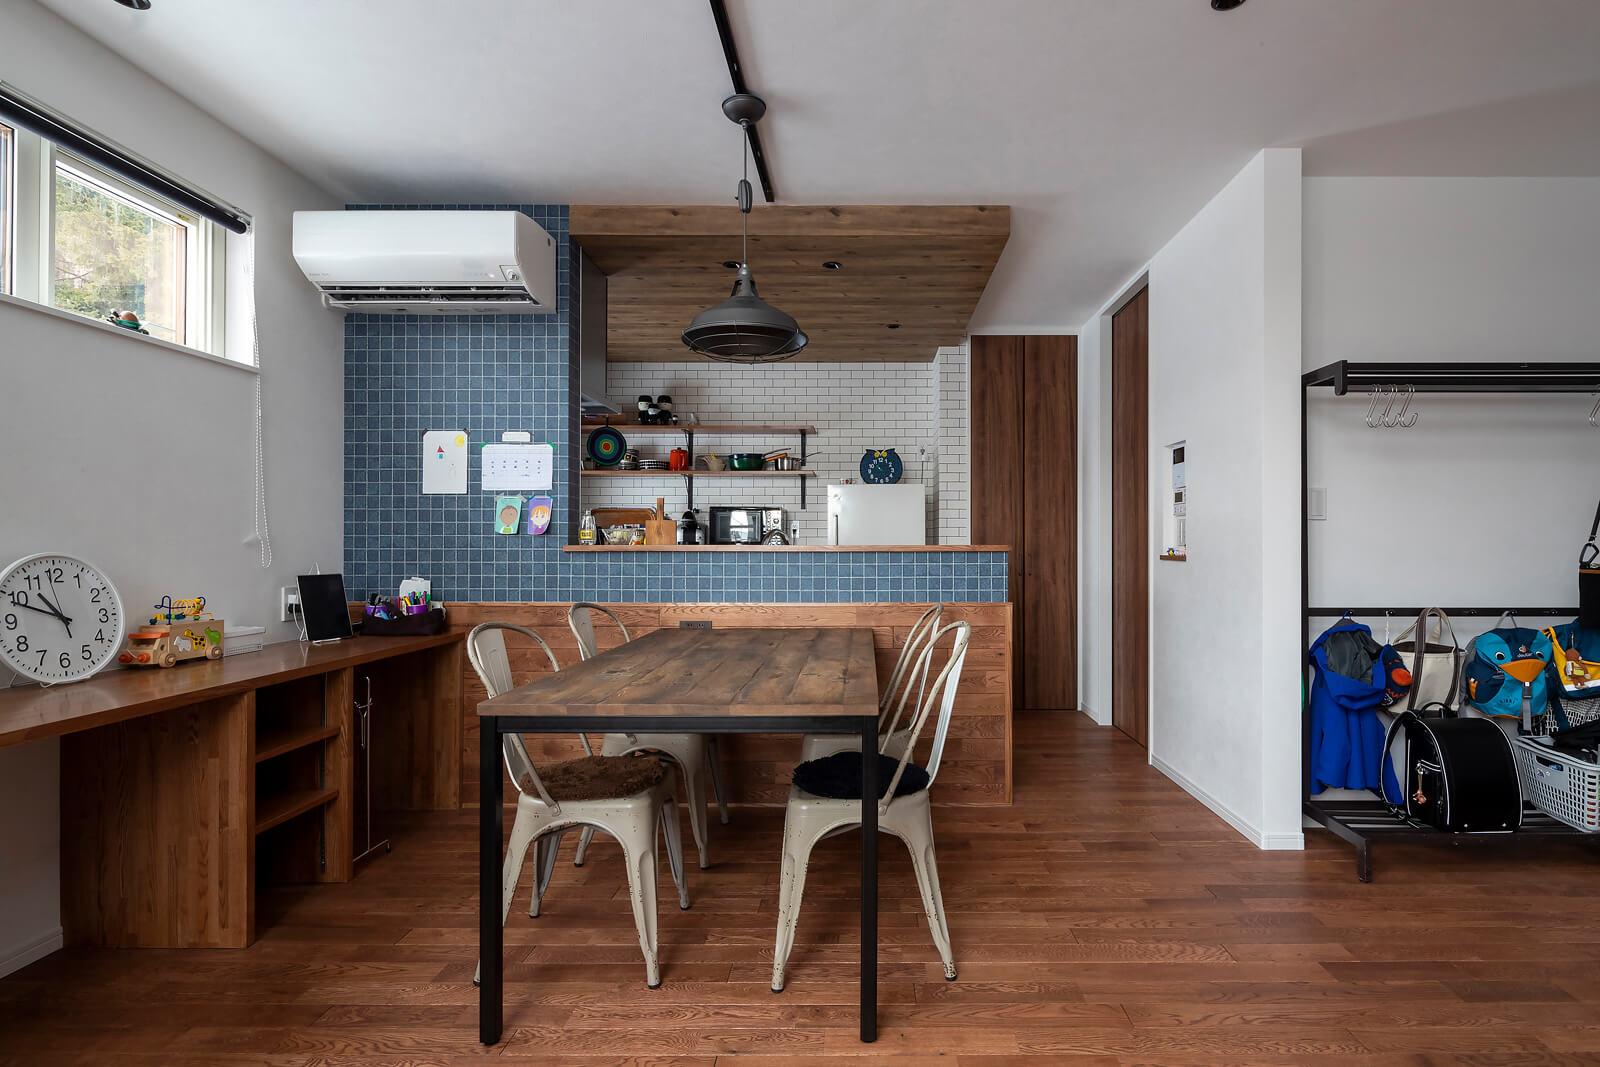 青いタイルや木の風合いがやさしい印象のキッチンのイメージは、北欧スタイルのカフェ。ダイニングもインダストリアルテイスト